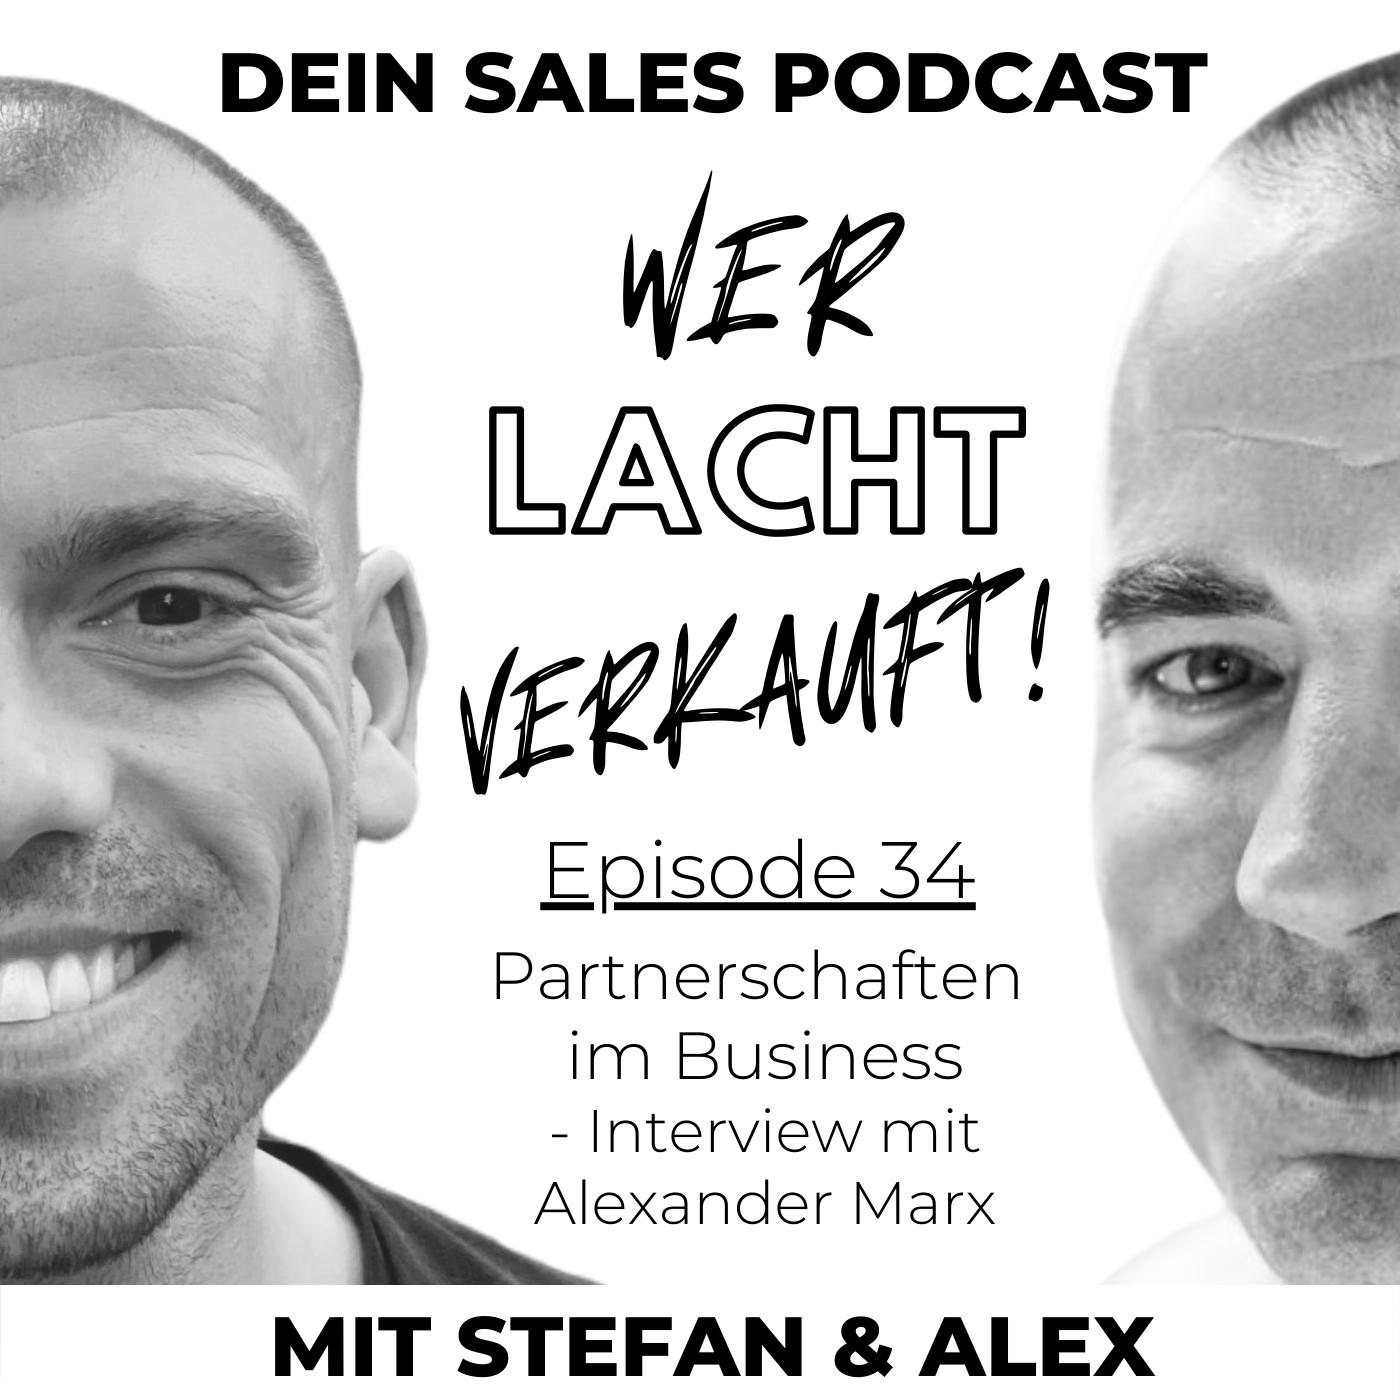 Interview mit Alexander Marx